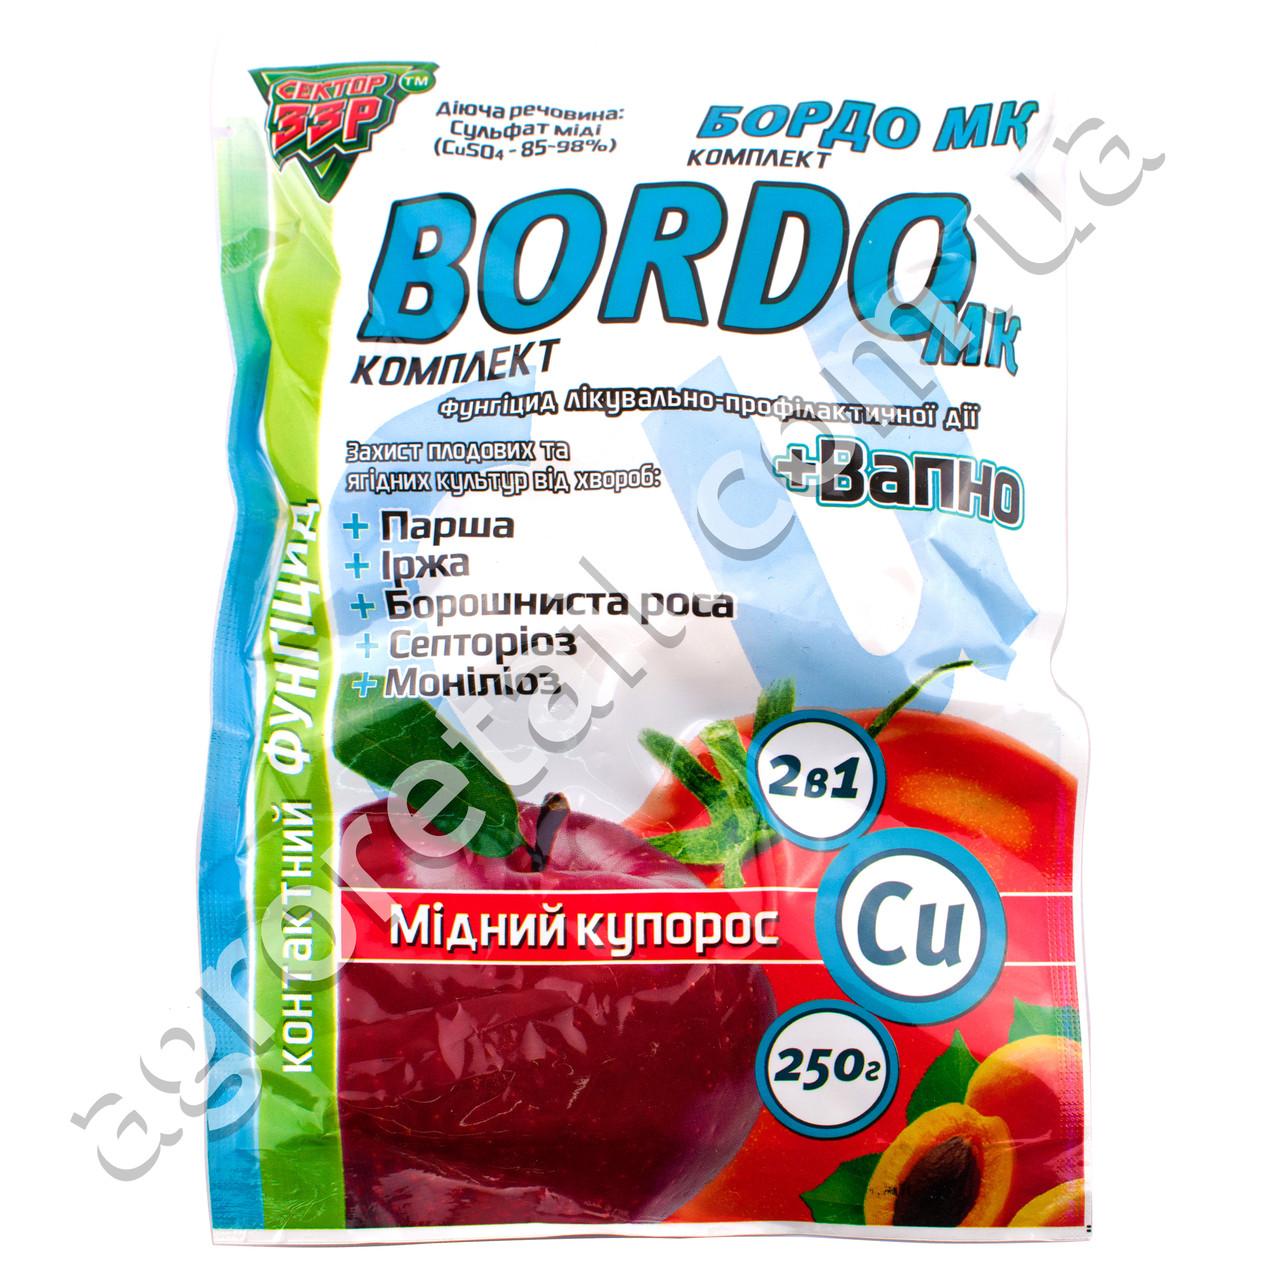 Бордосская смесь Bordo МК комплект 250 г Сектор ЗЗР